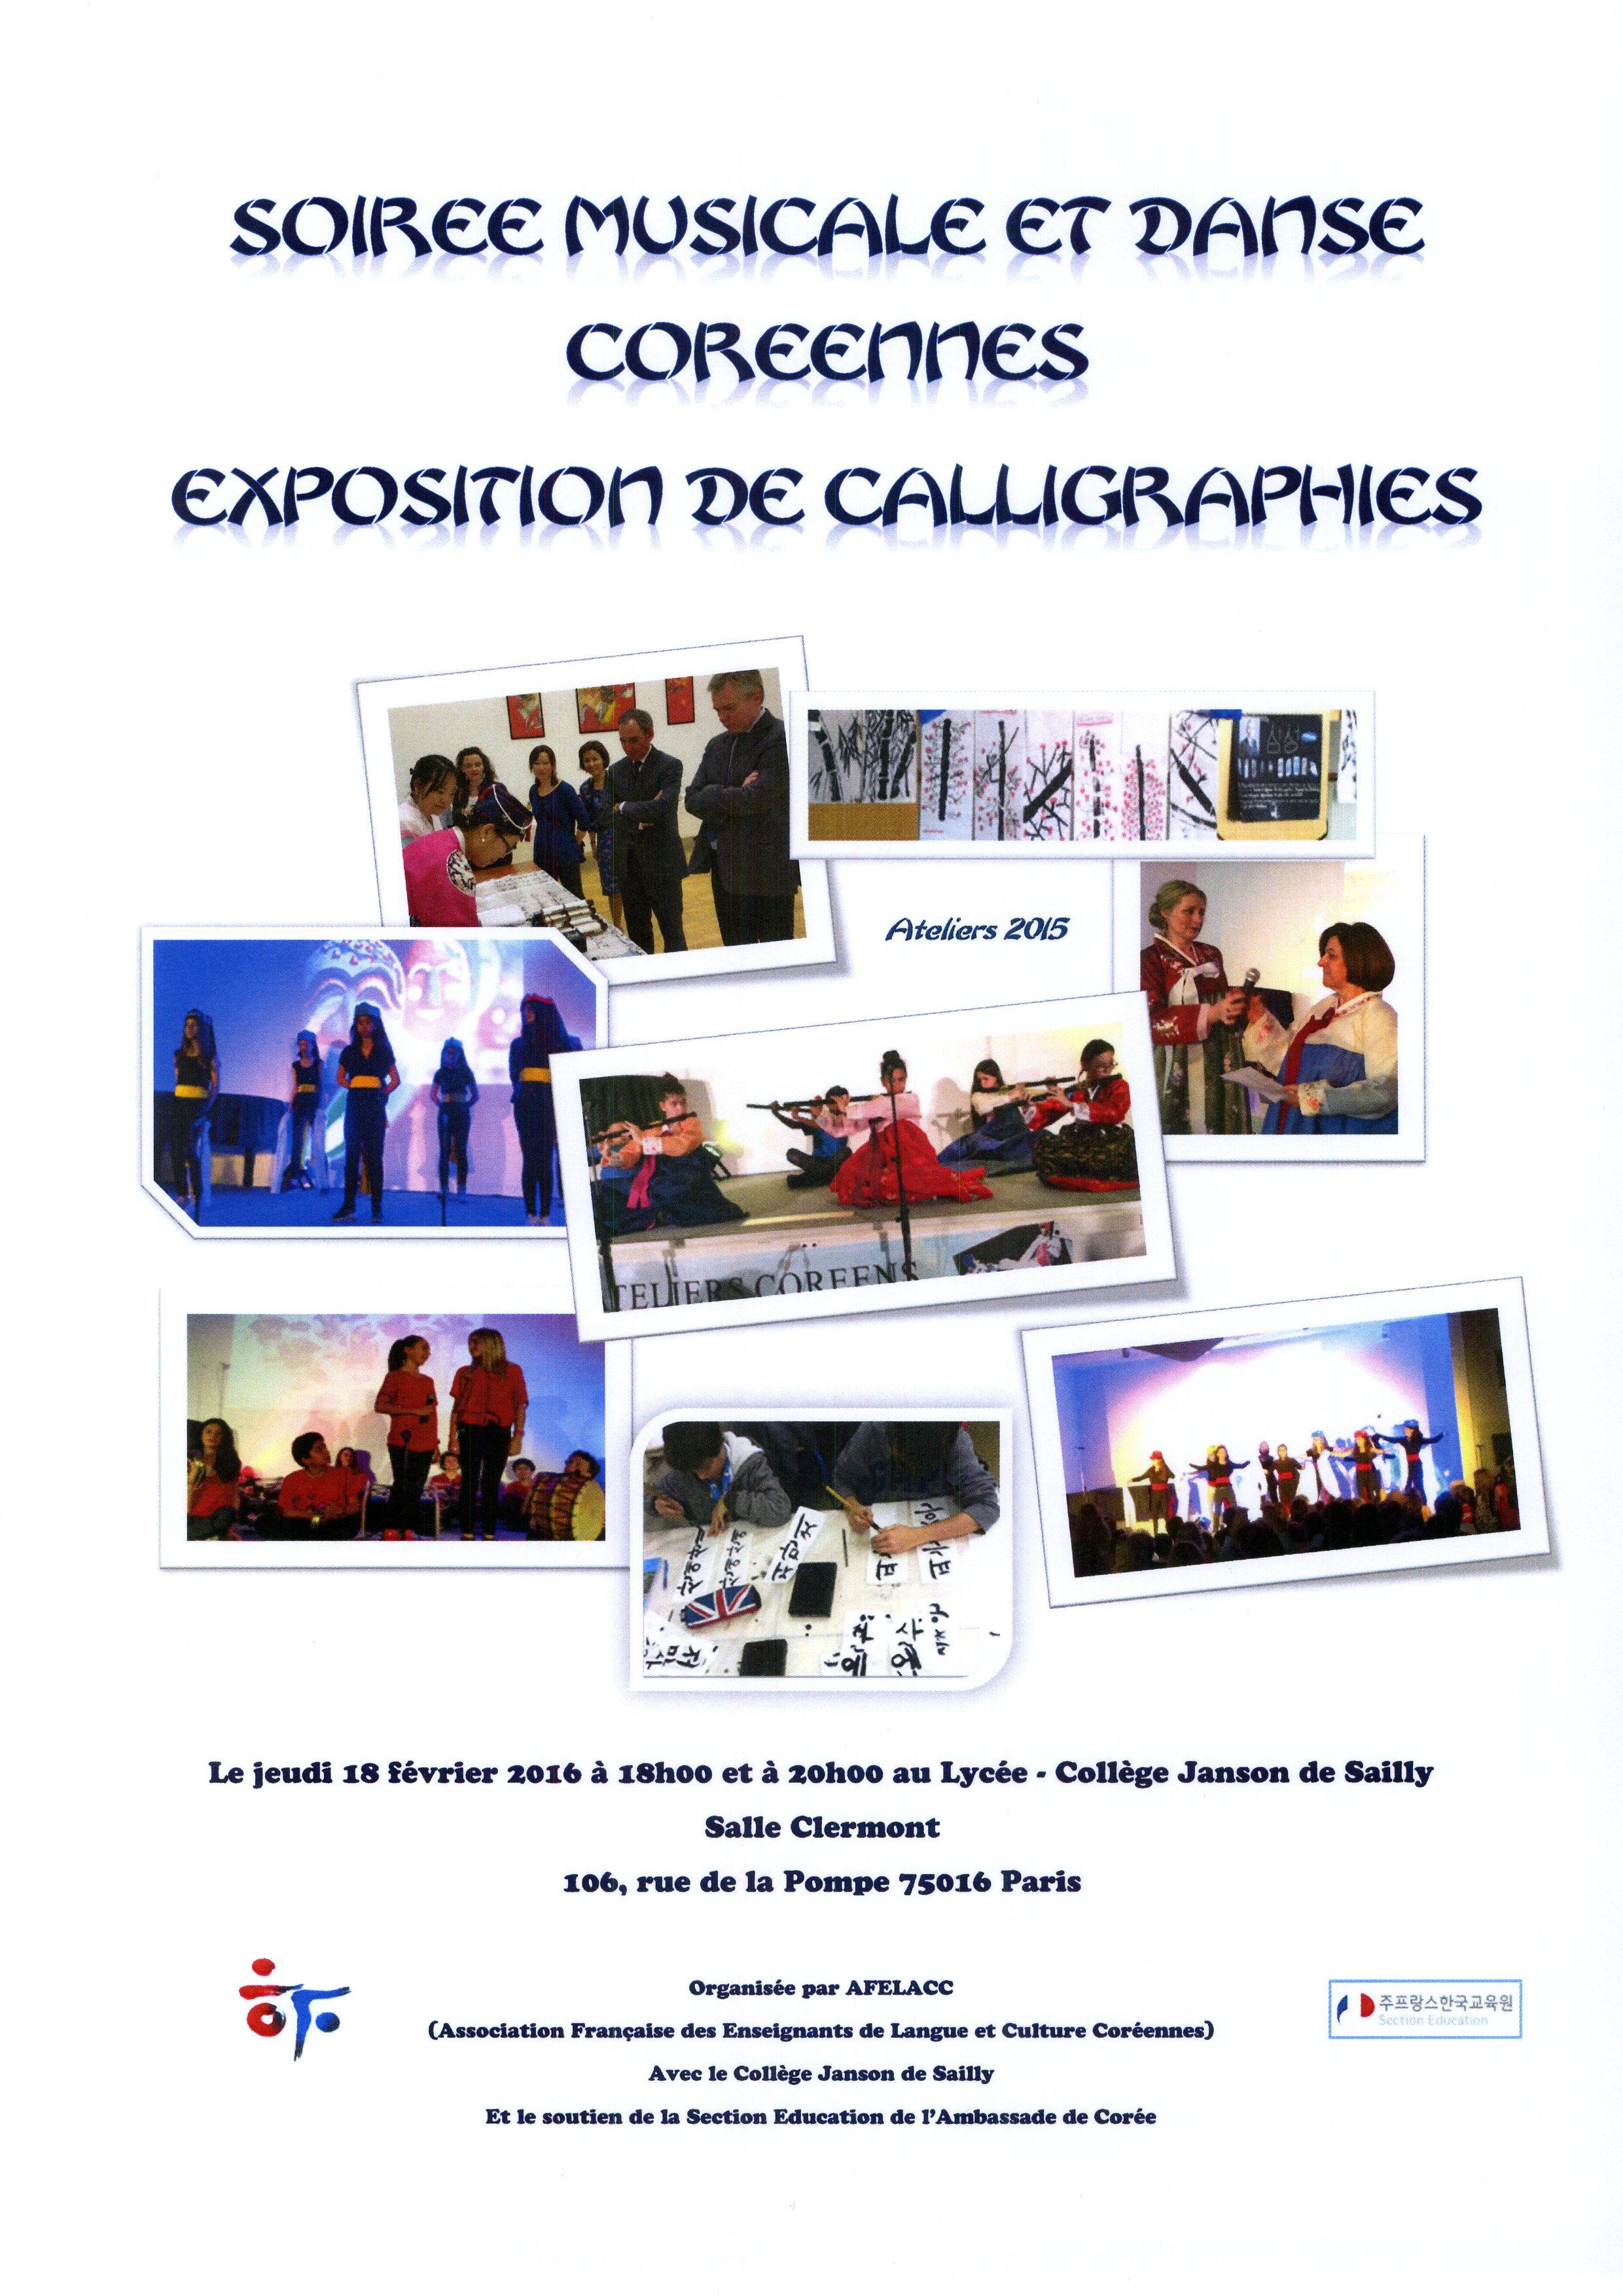 18022016 JS-Soirée Musicale et Dance Coréennes Exposition de callographies.jpg